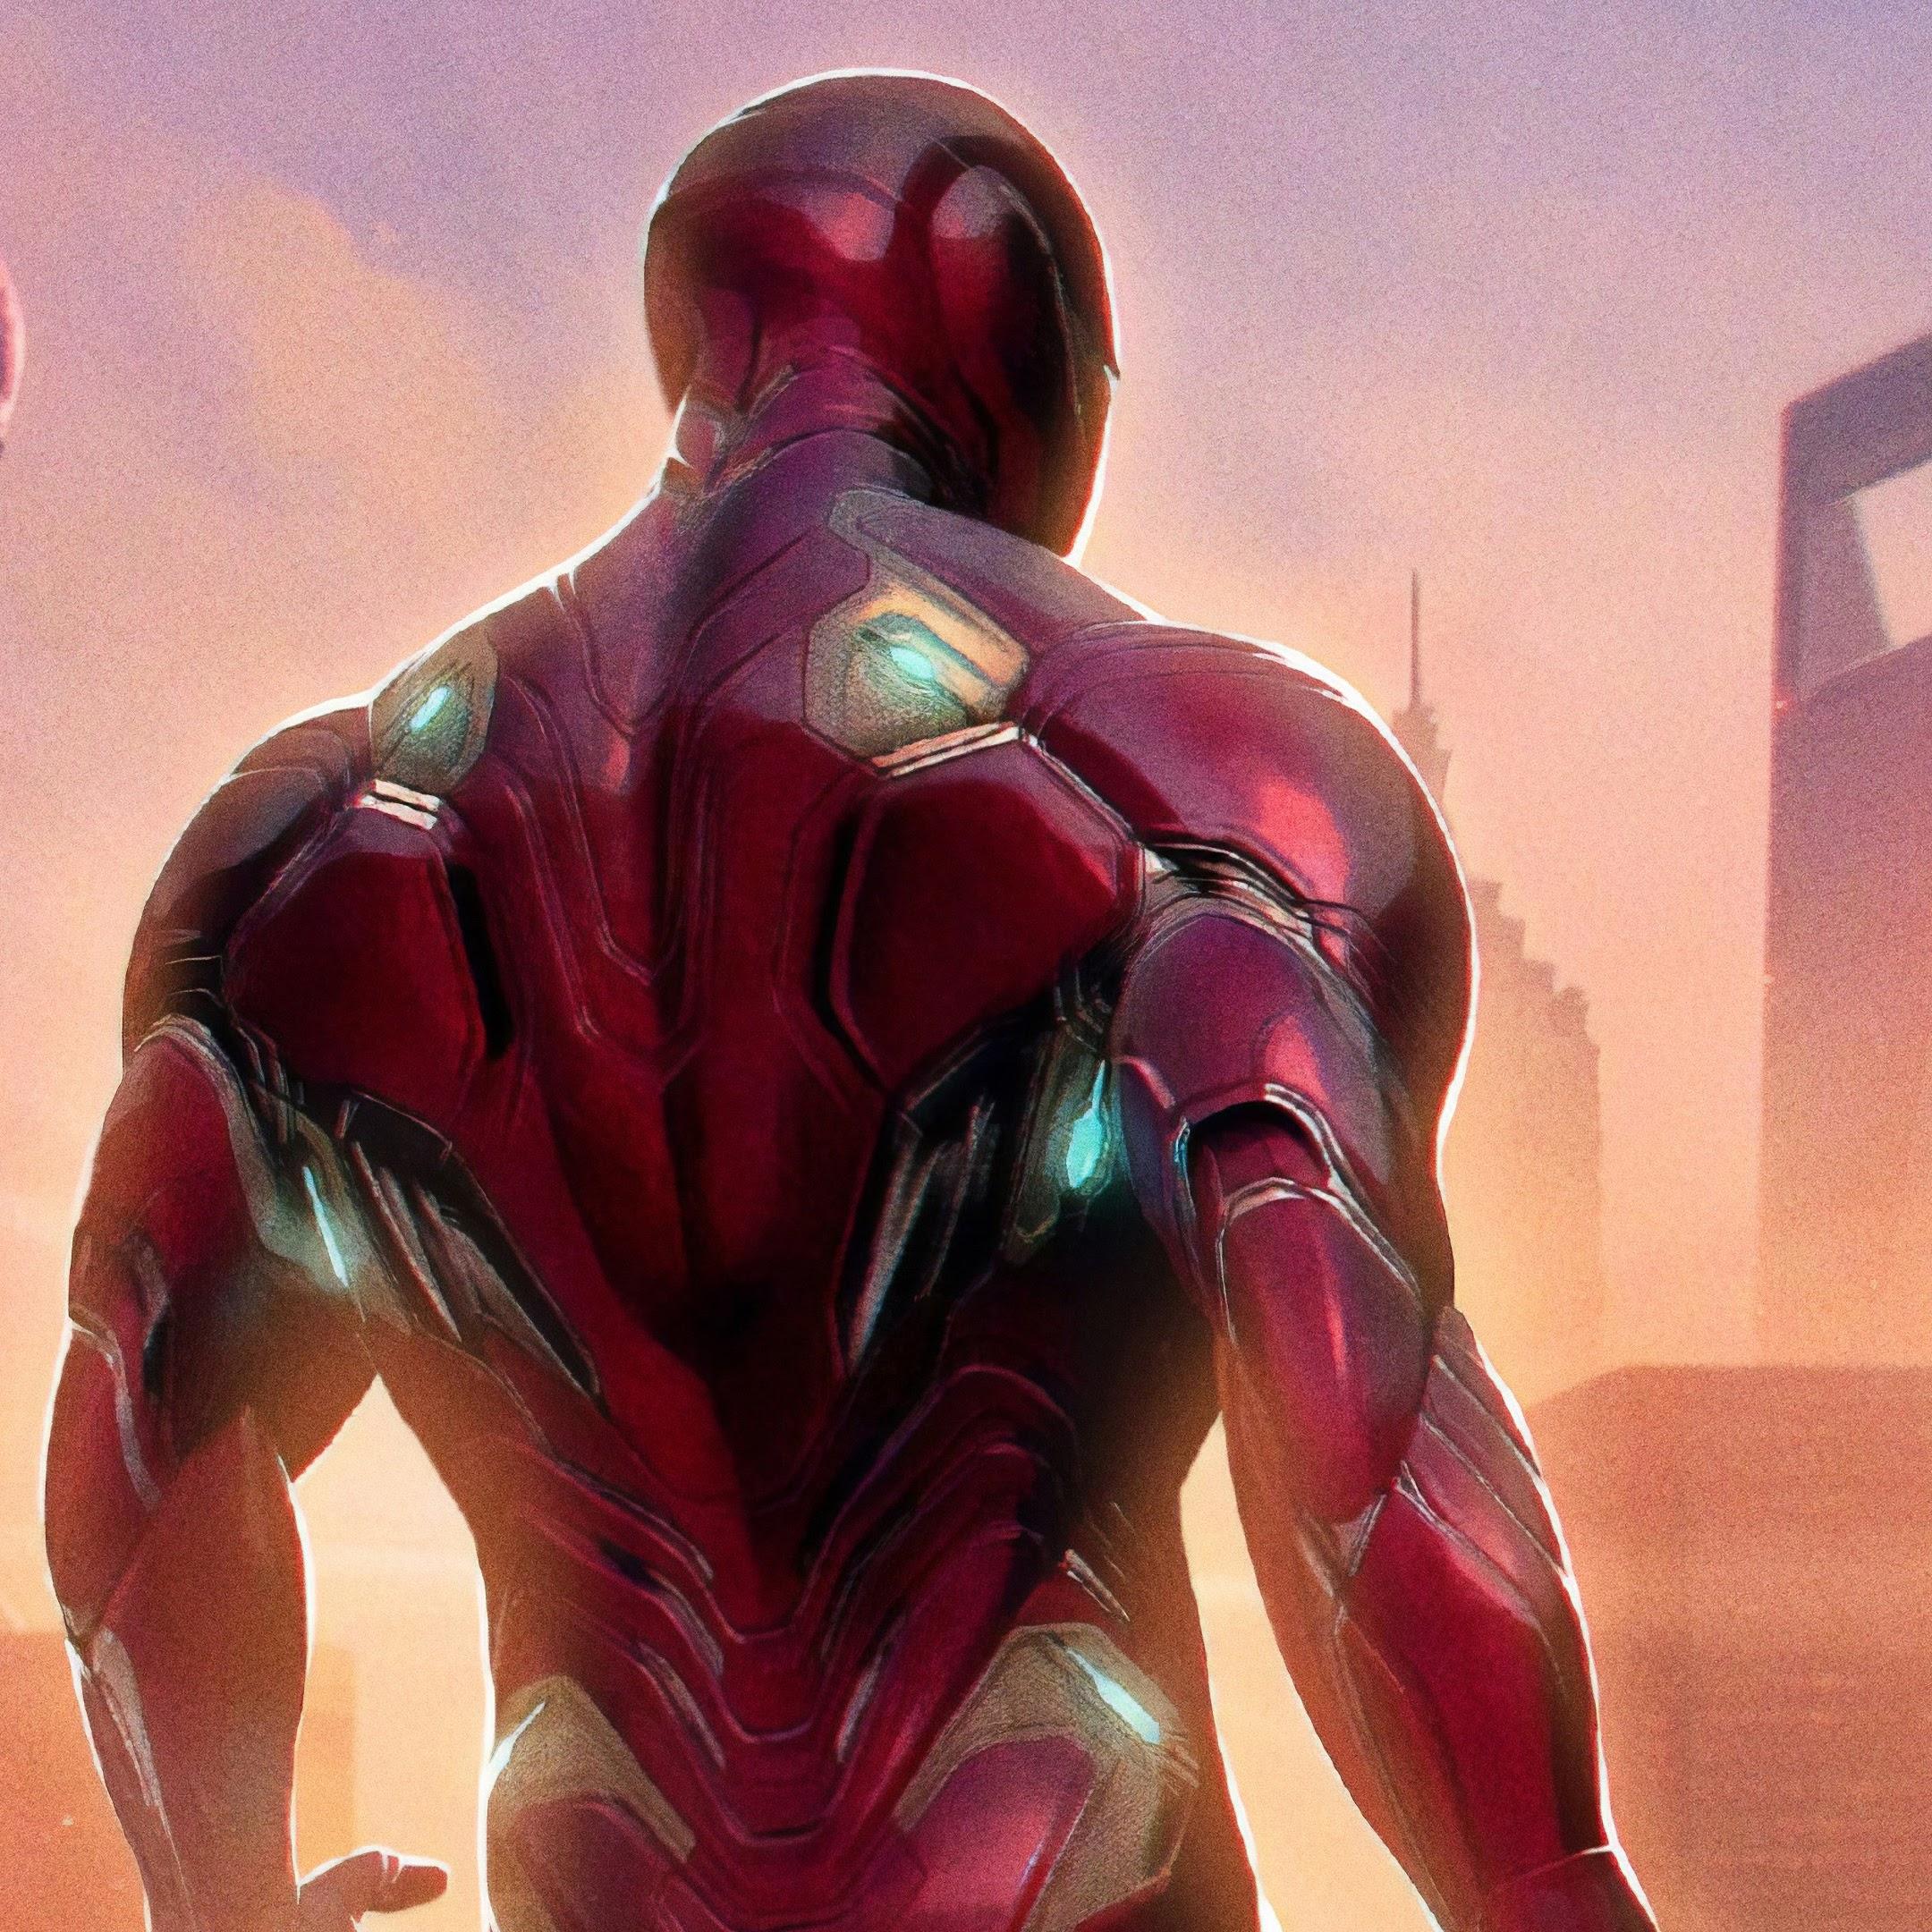 Avengers Endgame Iron Man 4k 53 Wallpaper